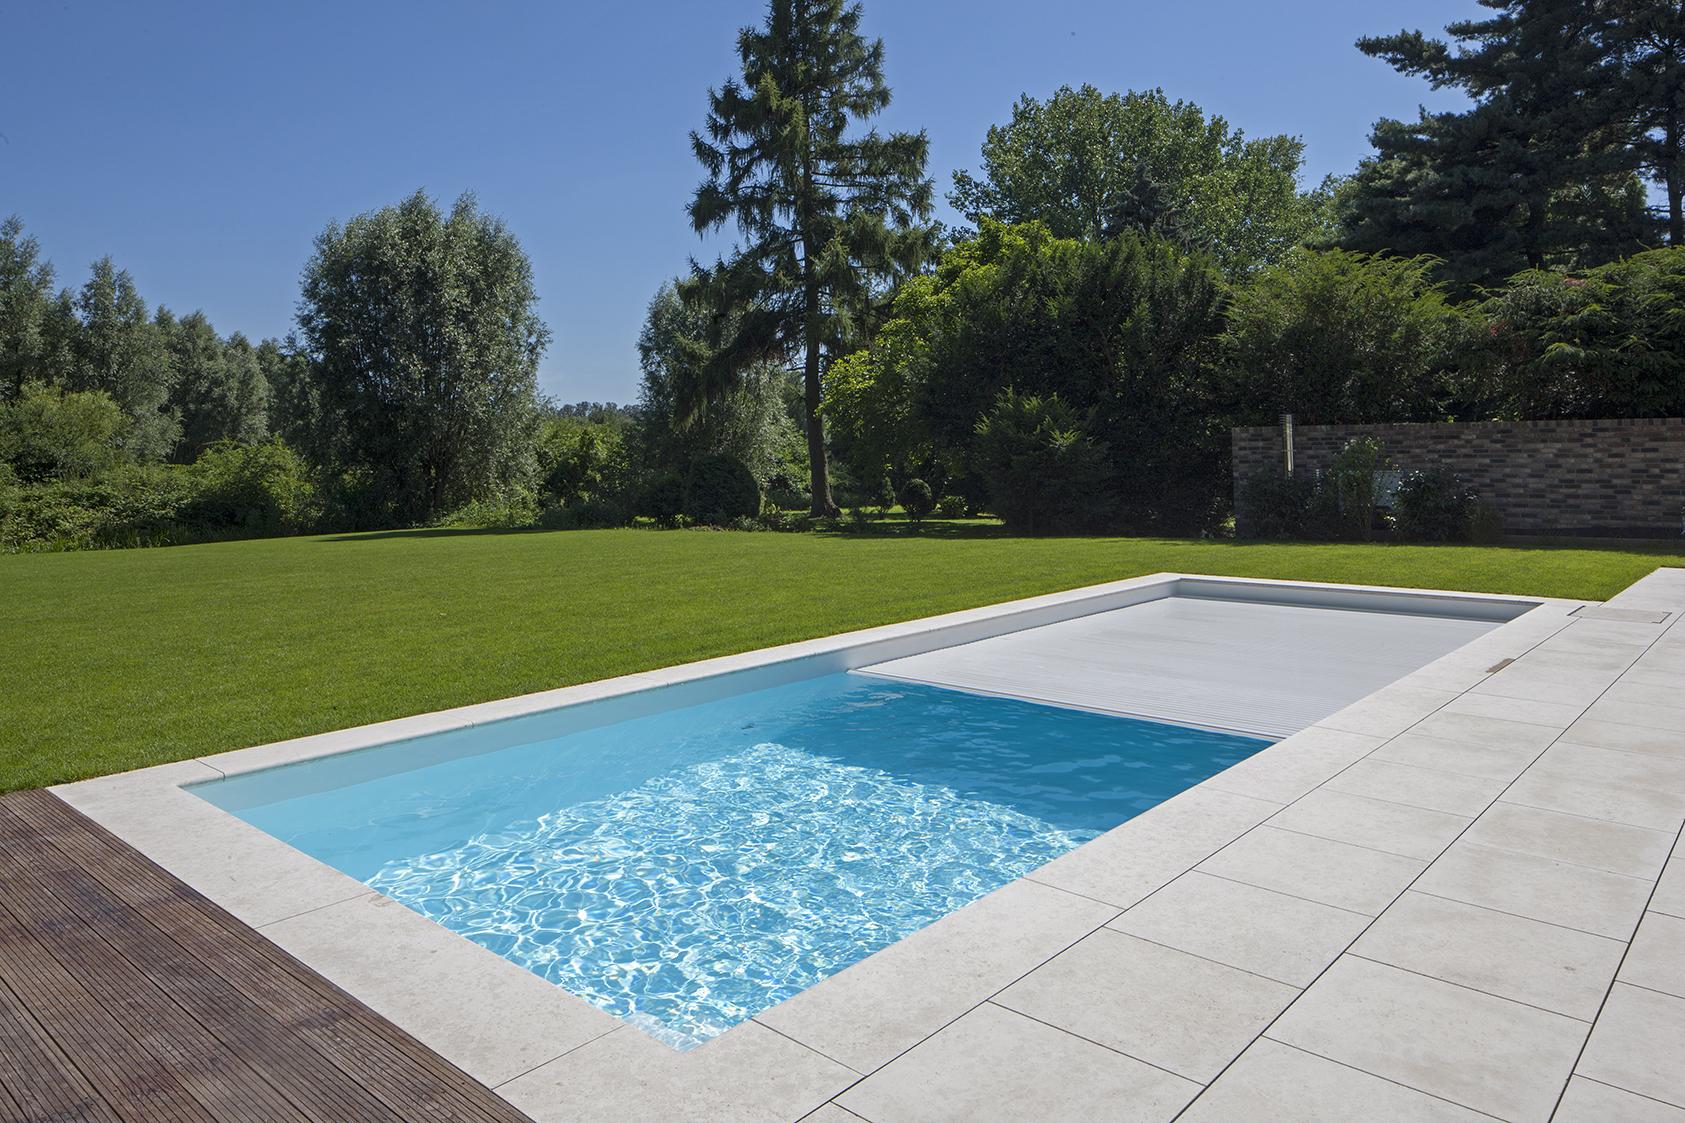 Freibad beispiel 11 swim sweat poolbau und for Schwimmbad gegenstromanlage